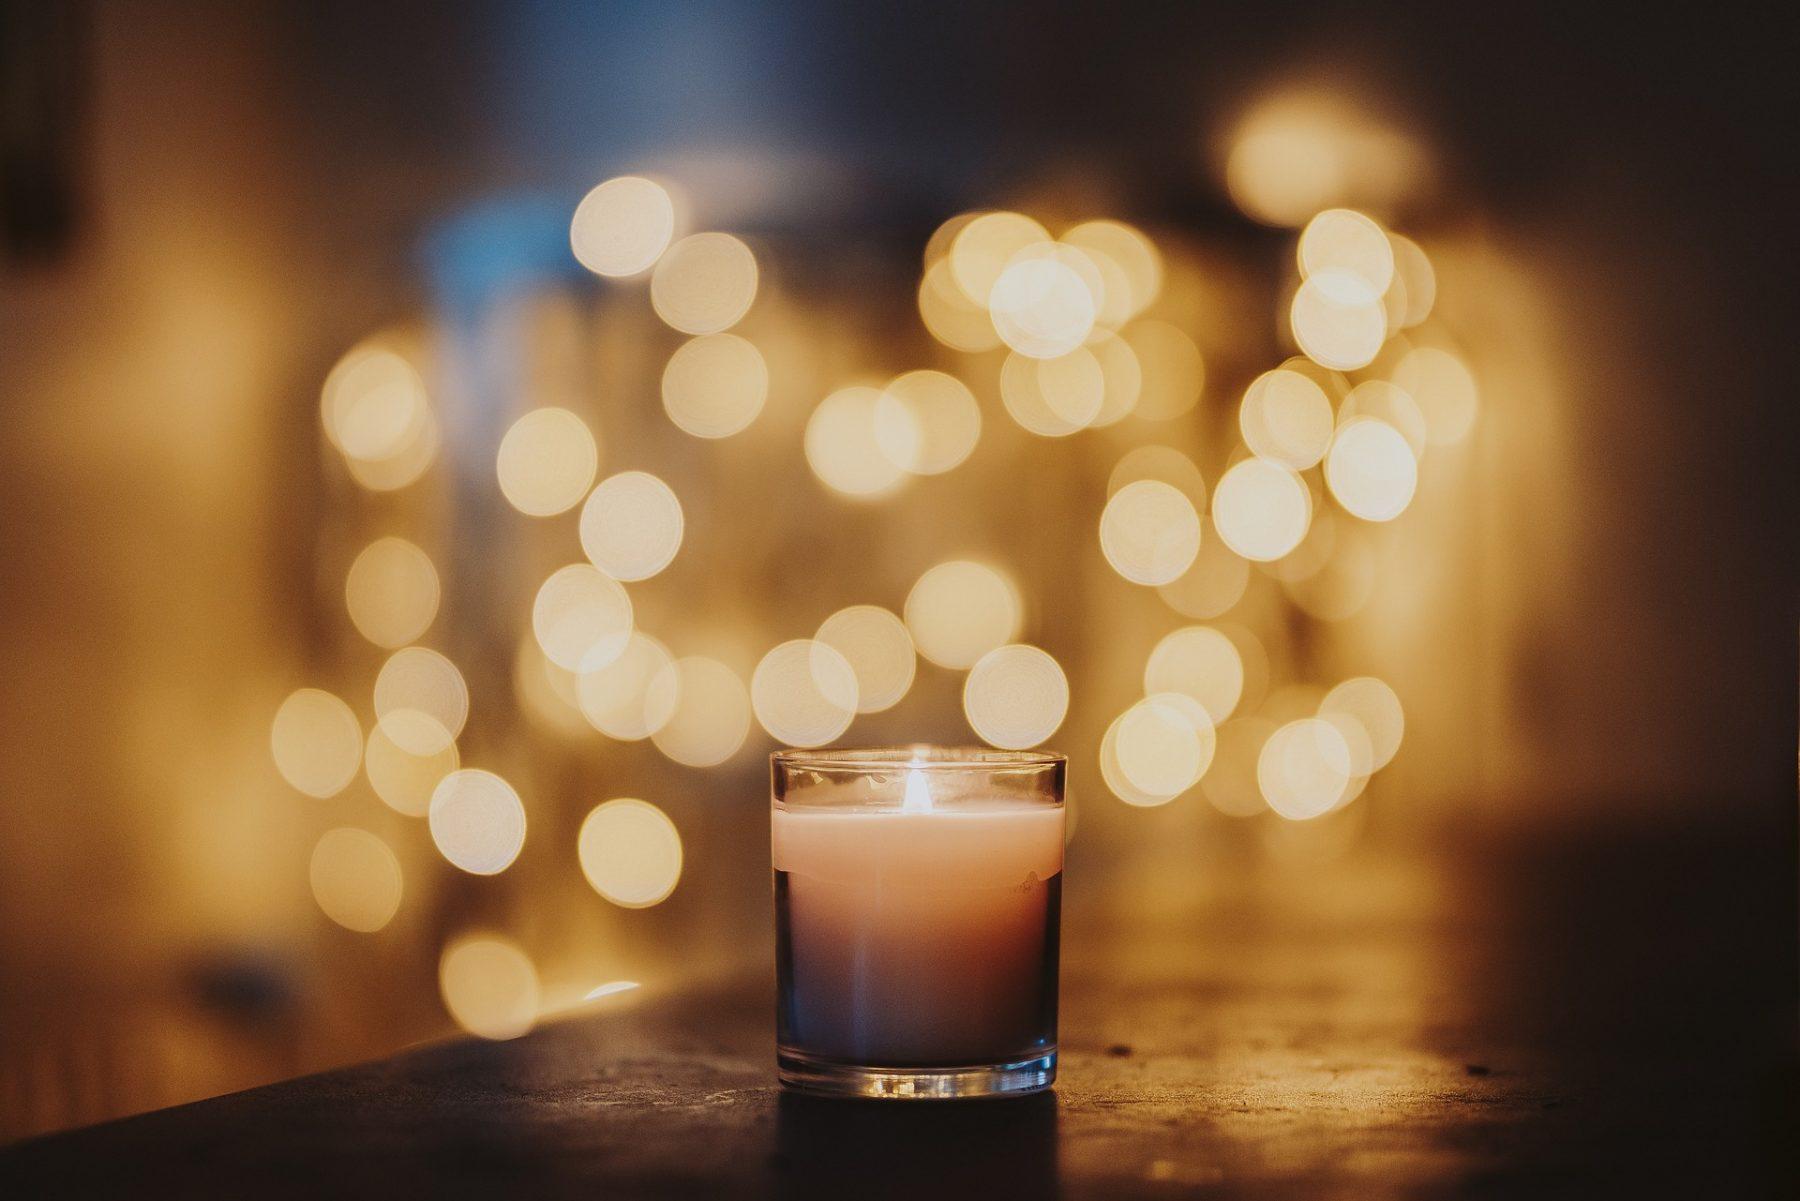 Αρωματικά κεριά: Αιθέρια έλαια και αρώματα για στιγμές χαλάρωσης